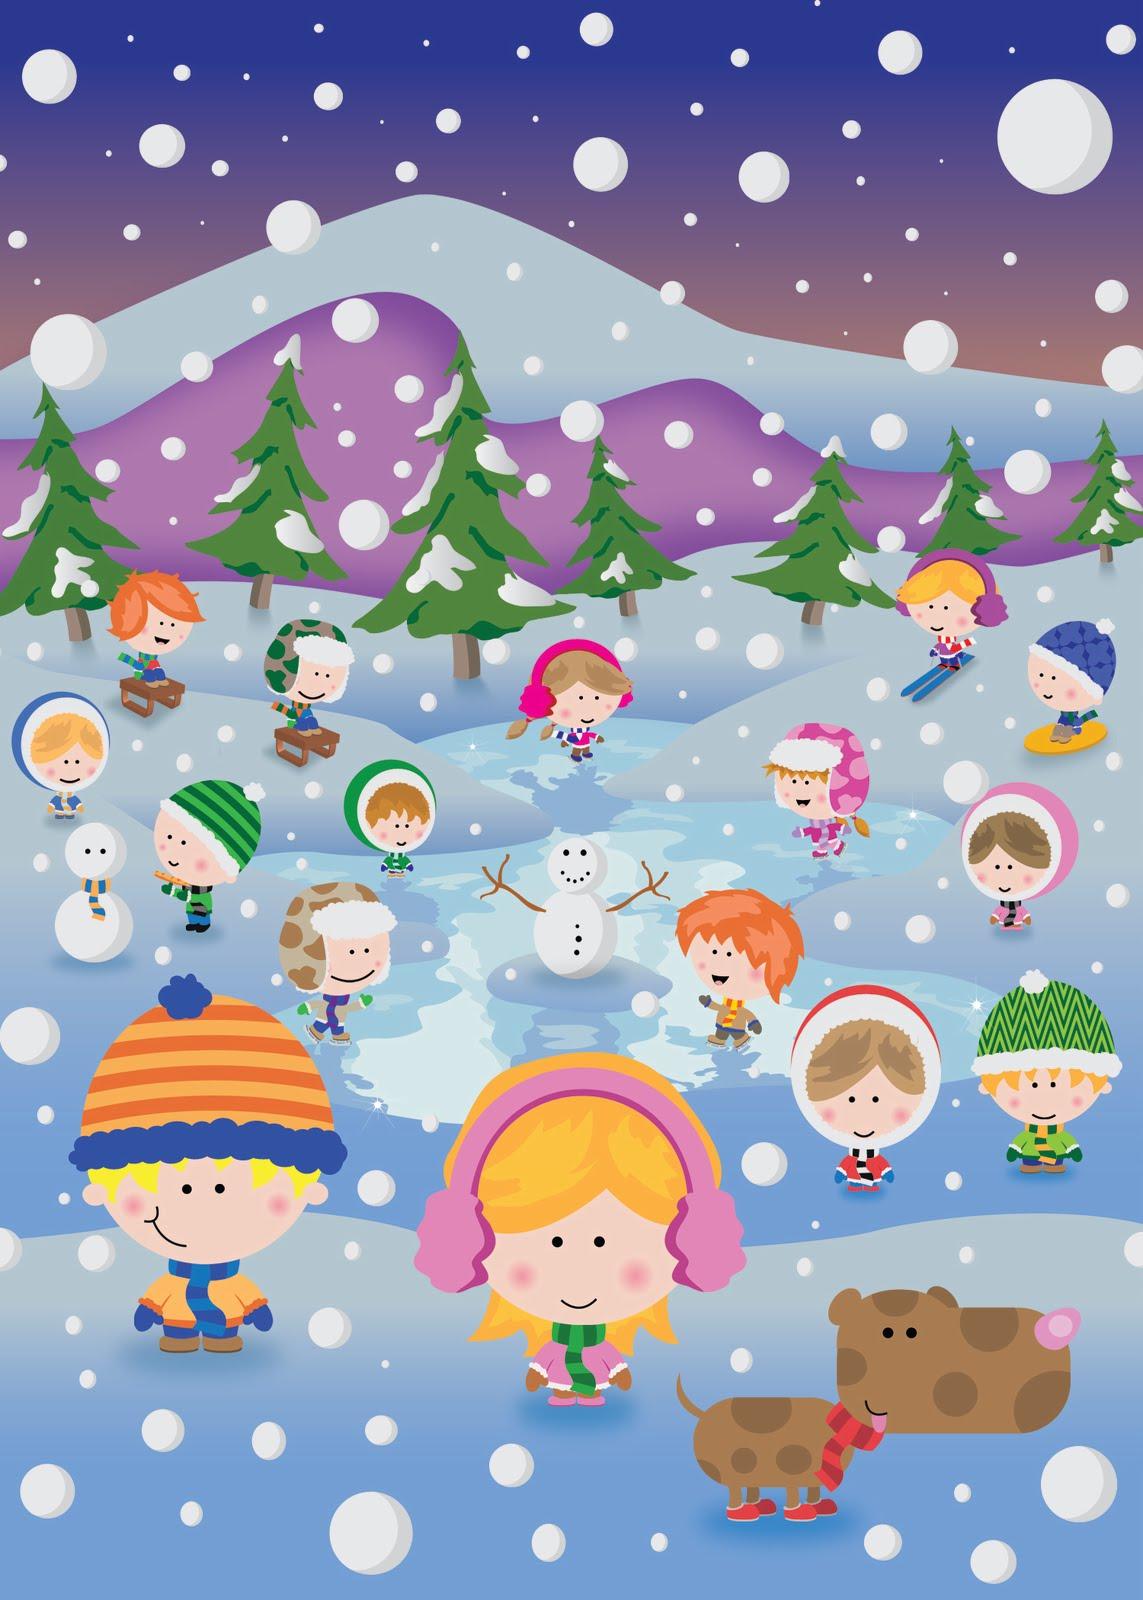 http://4.bp.blogspot.com/_pWyXOn4dRtw/TDMPsuWIv1I/AAAAAAAAAJg/Y_2LwdBoeB4/s1600/Kids+Ice+skating+Final+Card+Backup.jpg